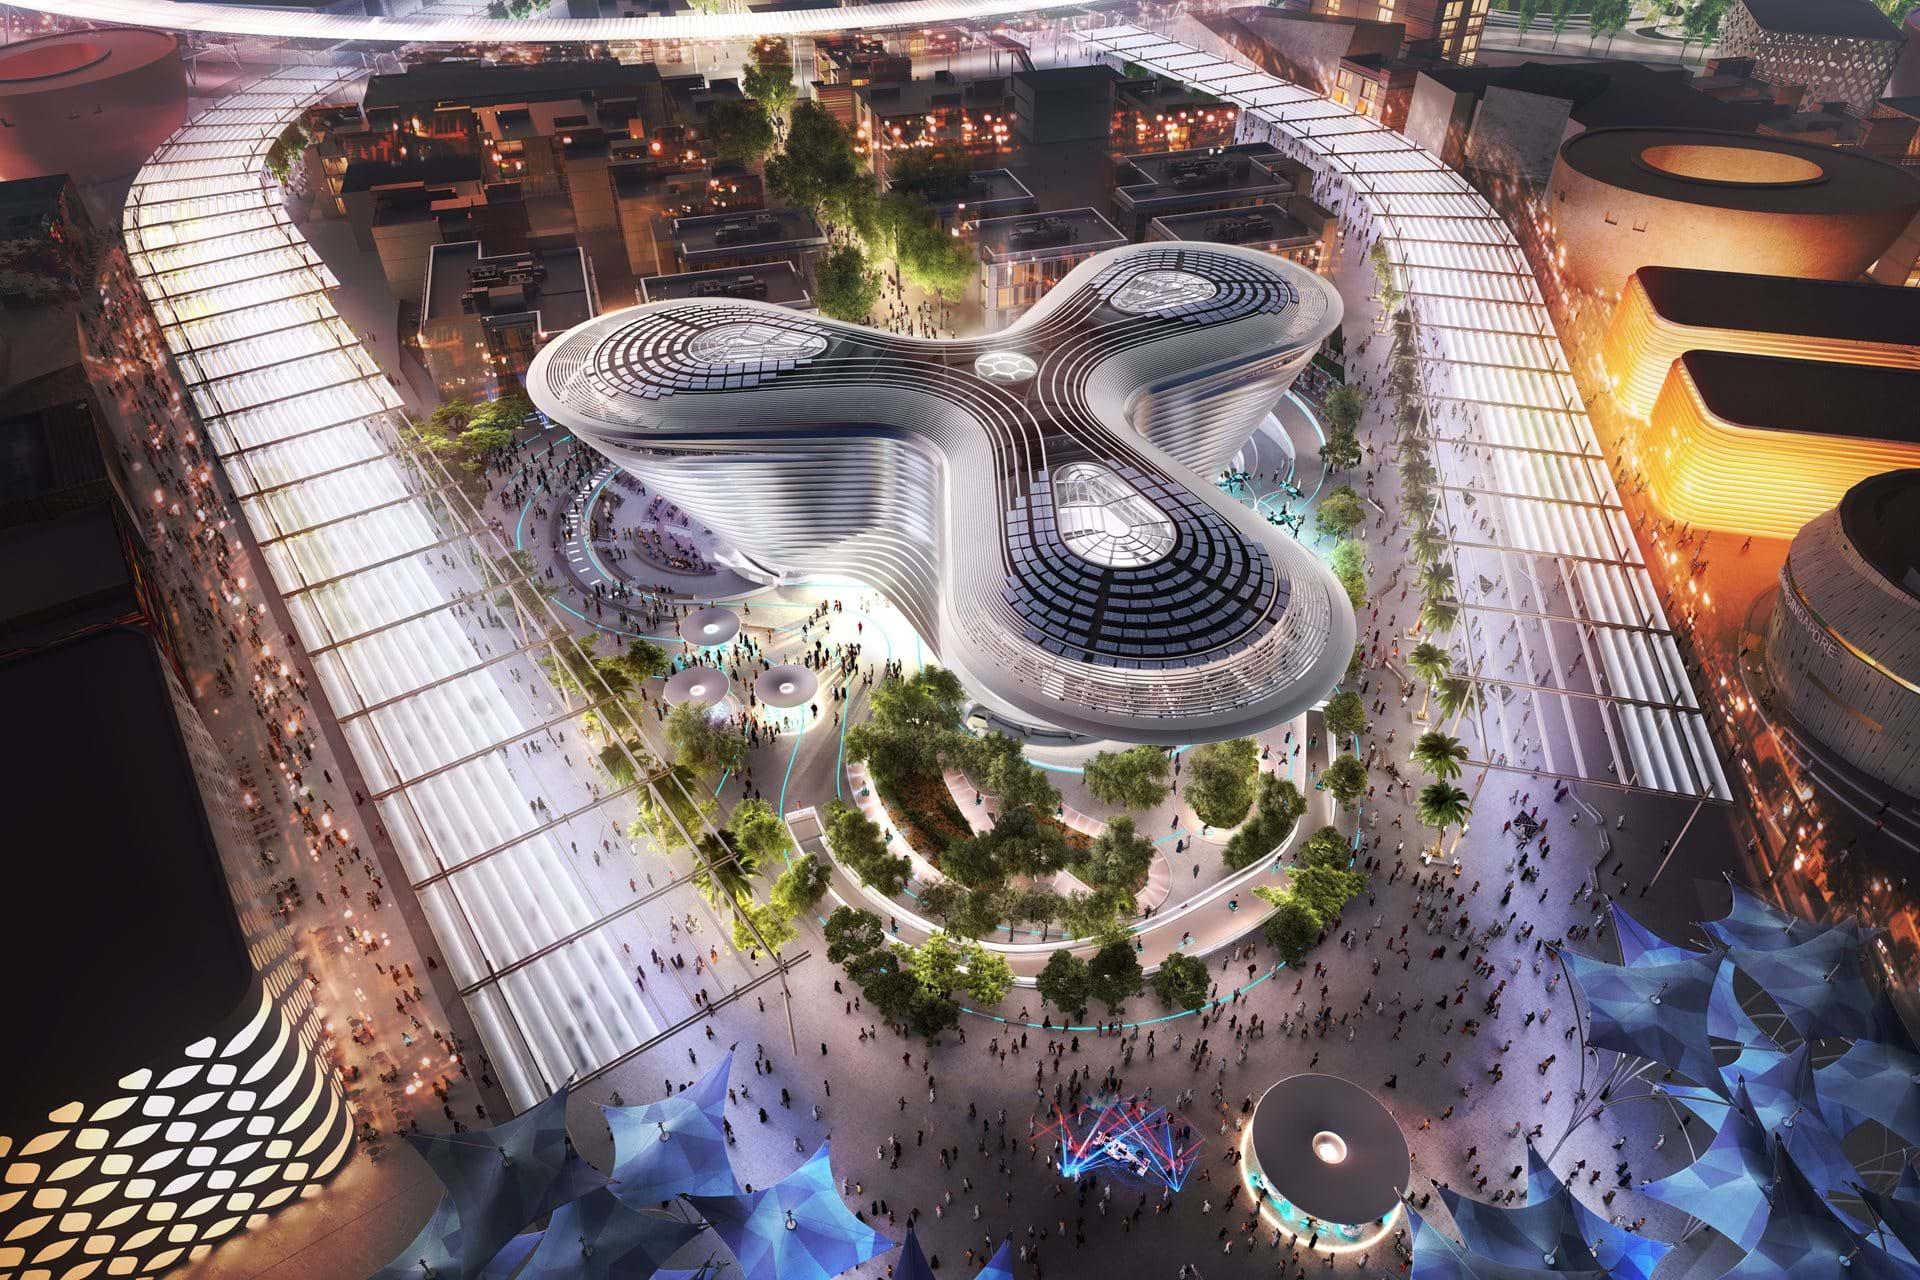 Alif Padiglione della mobilità Expo 2020 - credits: Foster + Partners